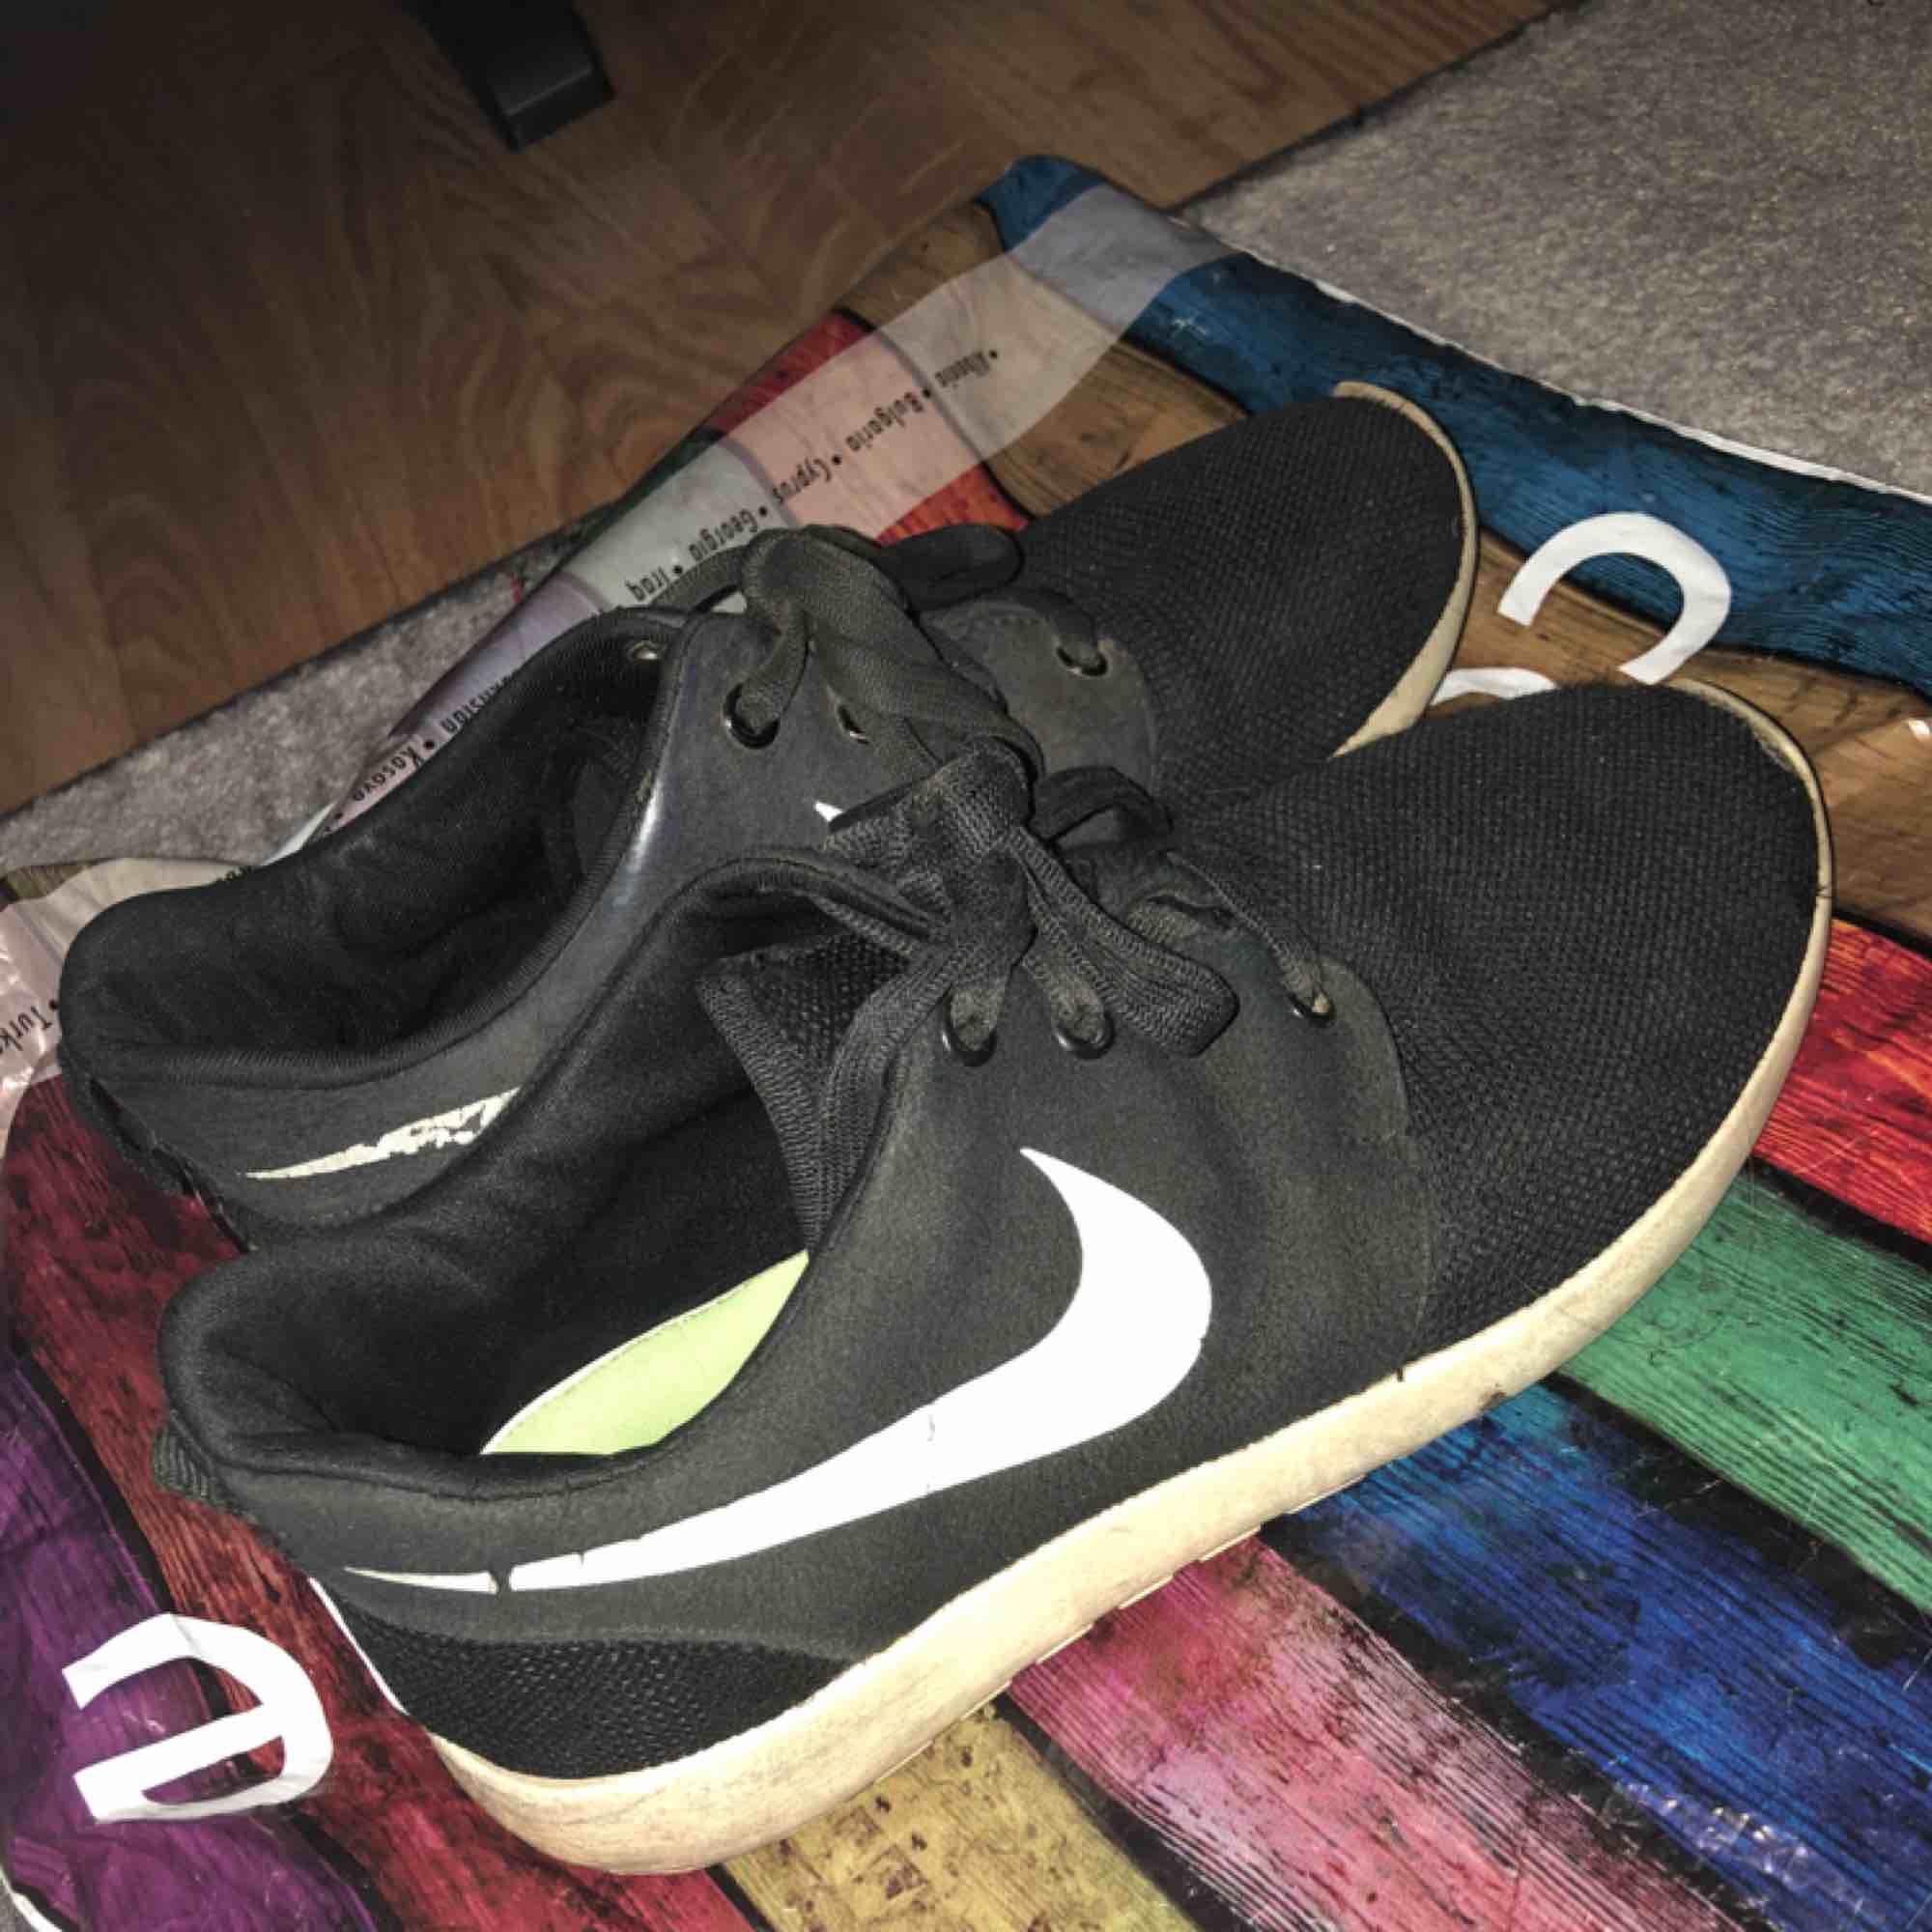 wholesale dealer 6ac84 e045b Vit Blå Nike Shox NZ Skor Kvinna 68719 Billiga Nike Skor Utlopp, Nike Air  Jordans · Använda och därav det billiga priset Ett par fake Nike Roshe runs.